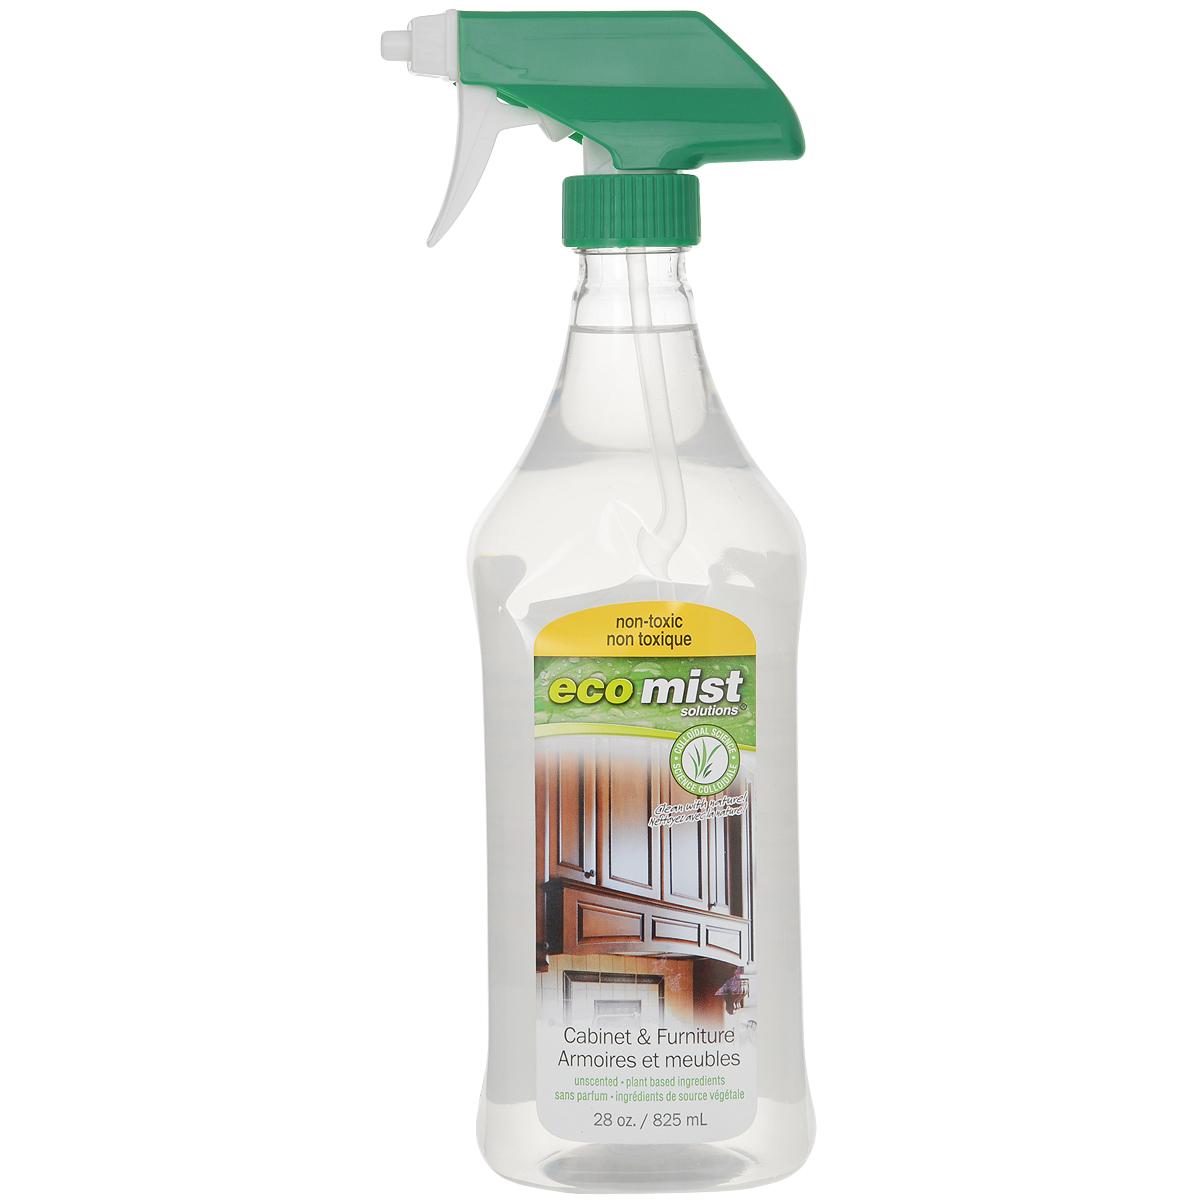 Средство для чистки мебели и уборки в кабинете Eco Mist, 825 млEM825XXFRTR06EFLСпециальное средство Eco Mist для удаления любых видов загрязнений, разводов, пыли с мебели, включая лакированную и из натурального дерева. Не оставляет следов после использования, а также предотвращает повторное оседание пыли. Не токсично. Без запаха. За счет активных полирующих свойств мебель надолго приобретает ухоженный вид, блеск и гладкость поверхностей. Состав: дехлорированная вода, кокос, различные экстракты, сахарный тростник, экстракт картофеля, кукуруза.